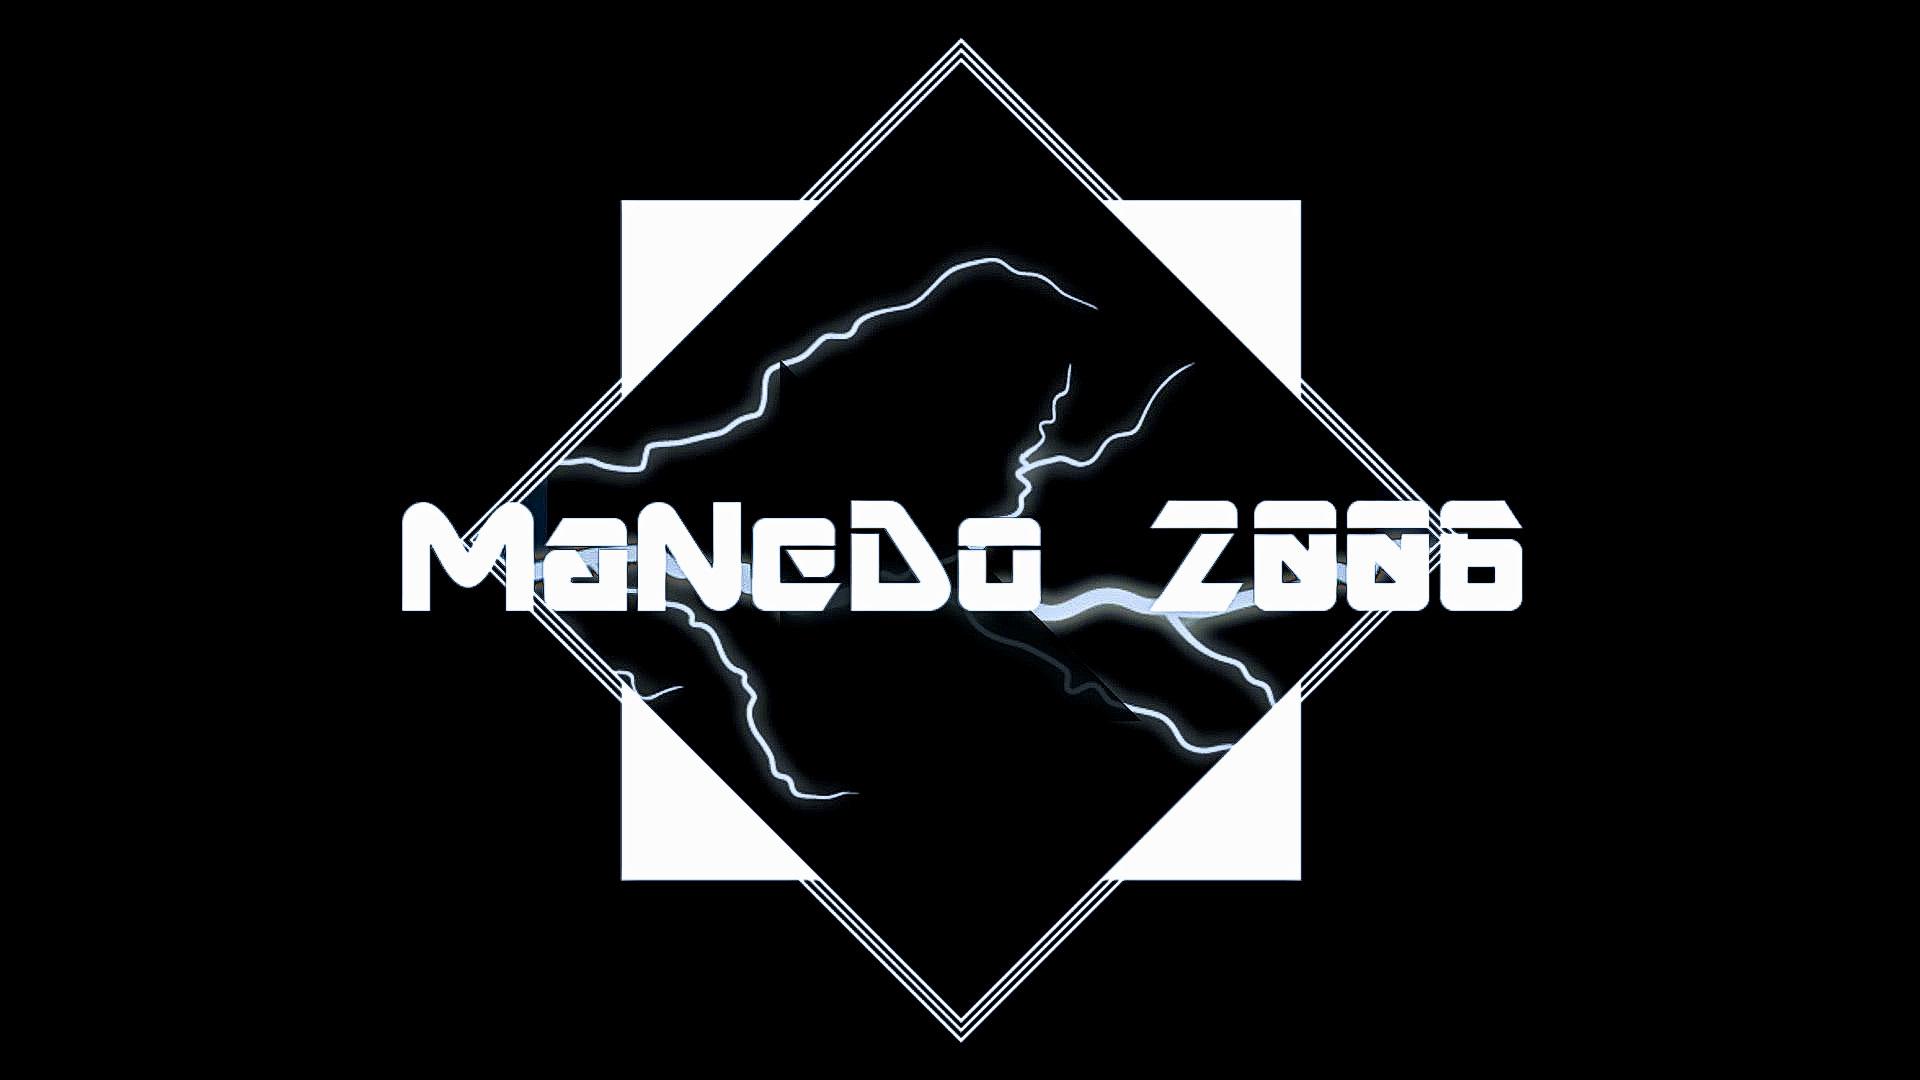 MaNeDo 2006